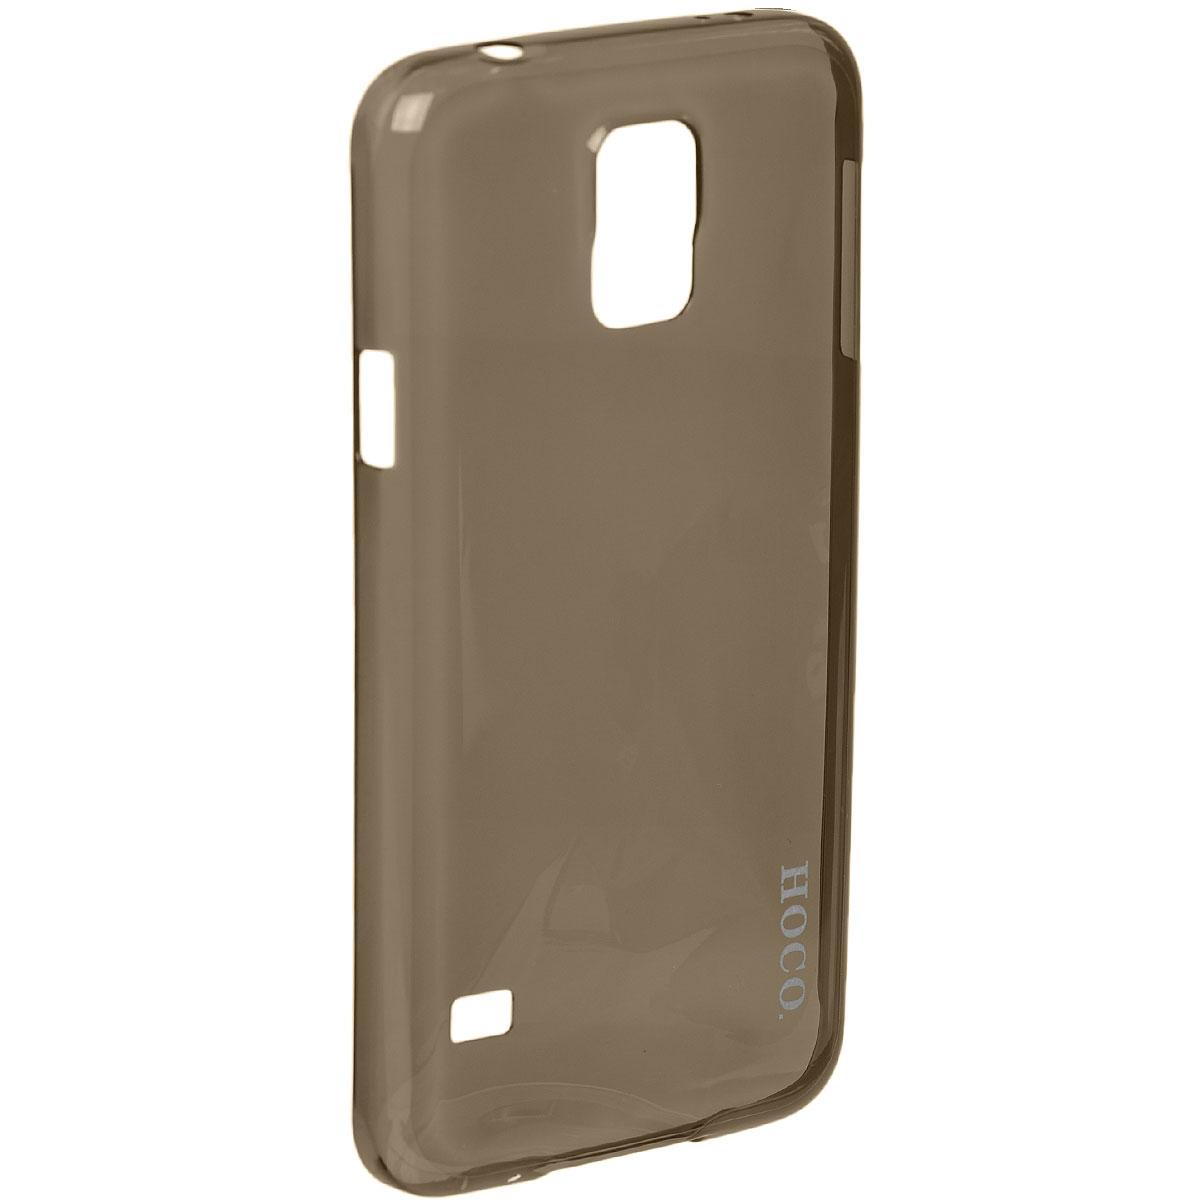 Hoco Light Series UltraSlim защитная крышка для Samsung Galaxy S5, BlackR0004845Задняя крышка (кейс) Hoco Light Series UltraSlim для Samsung Galaxy S5 гарантирует надежную защиту корпуса вашего смартфона от внешнего воздействия (пыль, влага, царапины). Чехол изготовлен из качественного пластика и имеет отверстия для камеры, разъемов и кнопок.